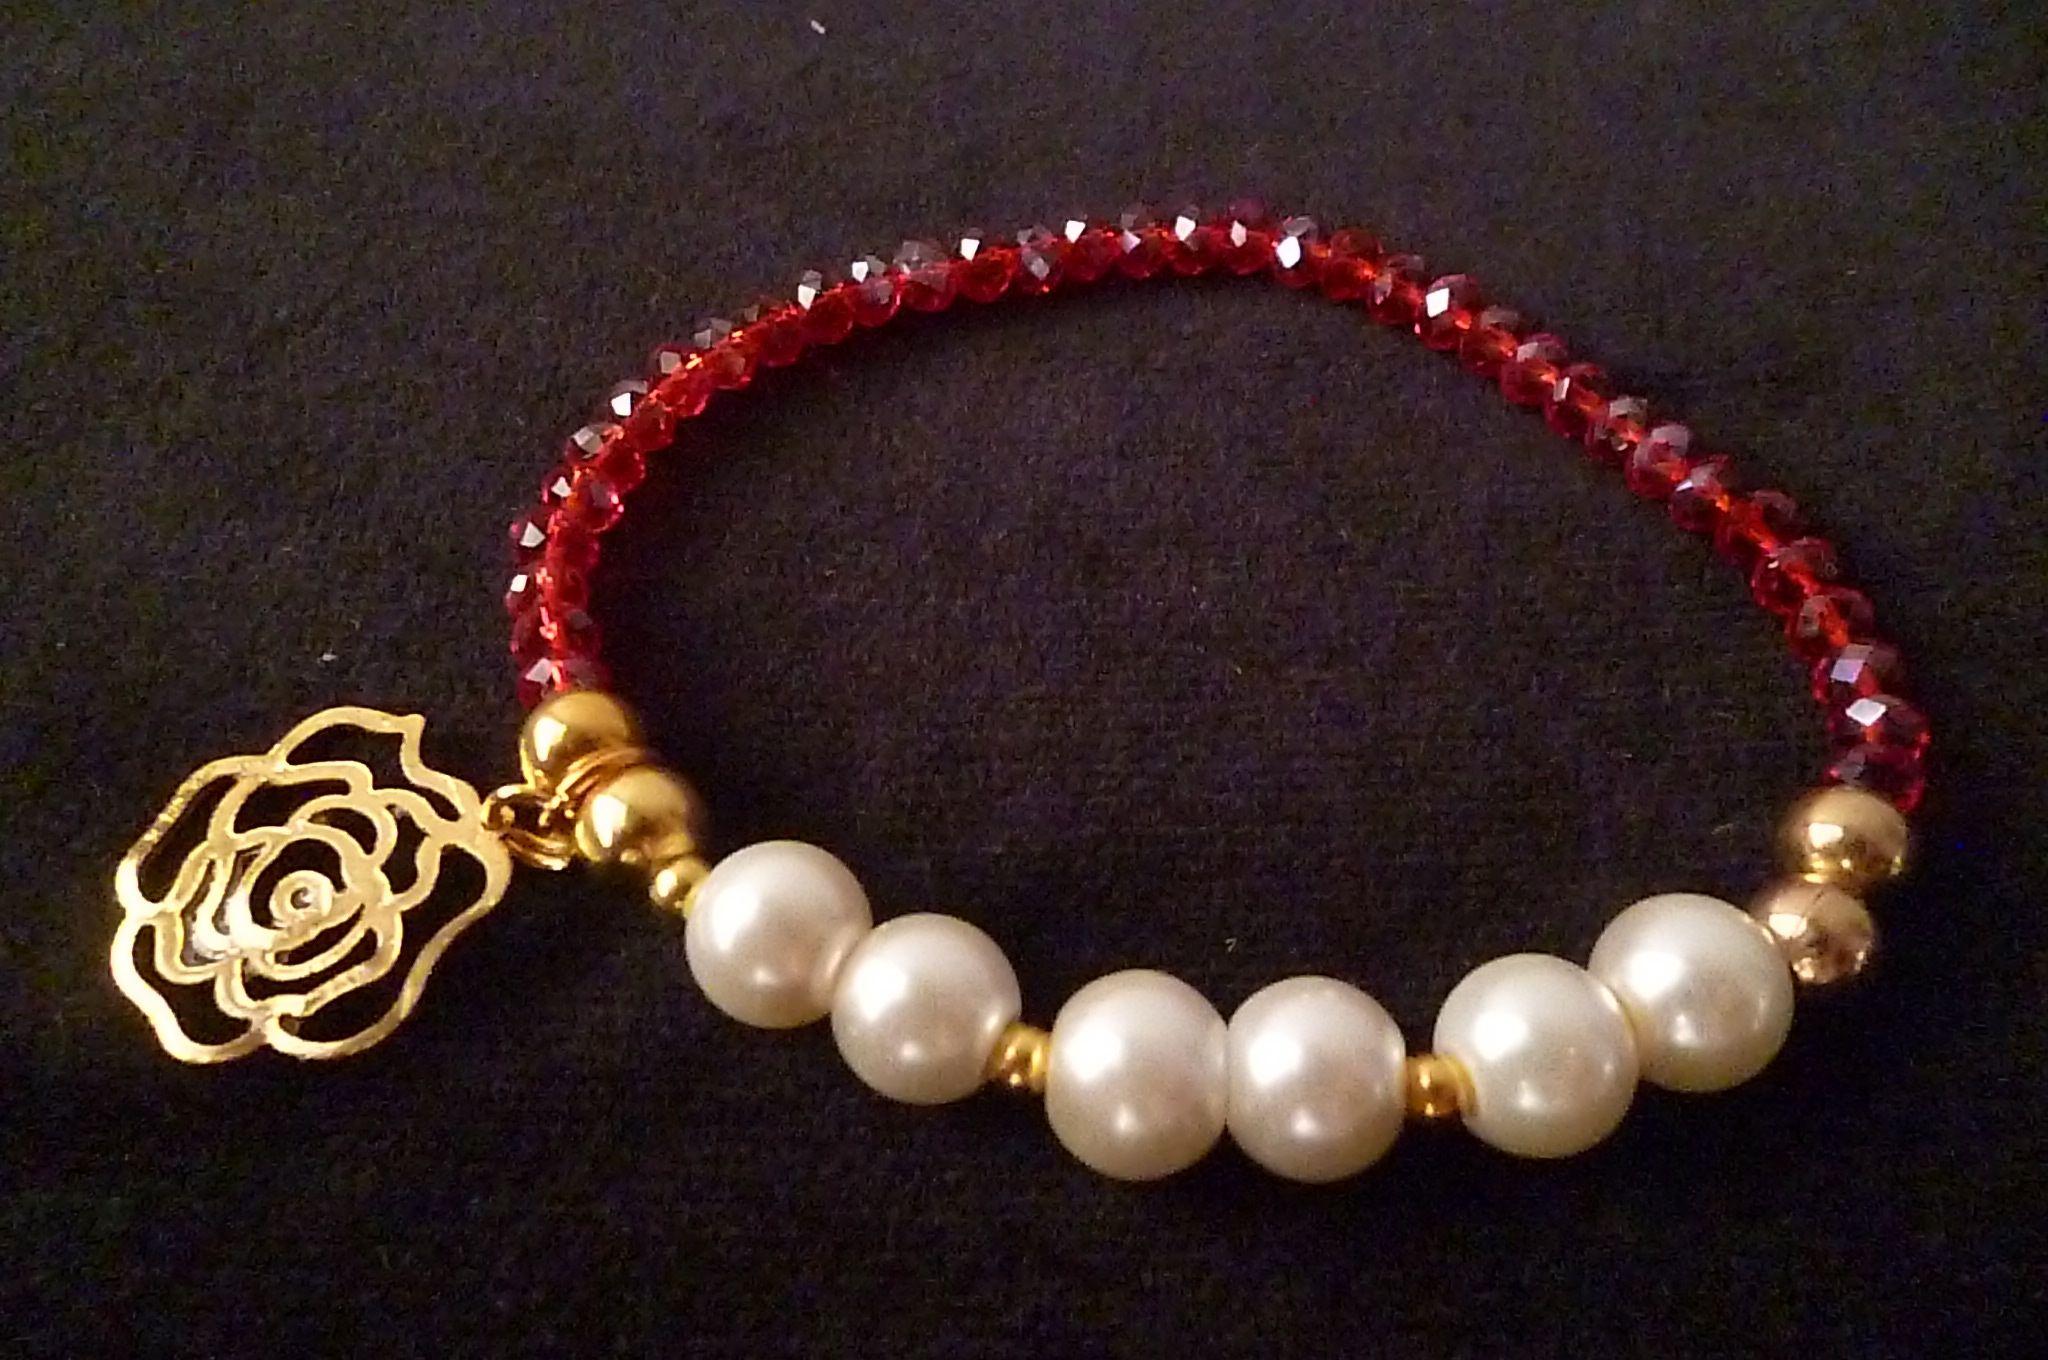 7fff407b6286 Pulsera cristal facetado 3 x 4 mm color rojo y perlas dije flor  50 ...